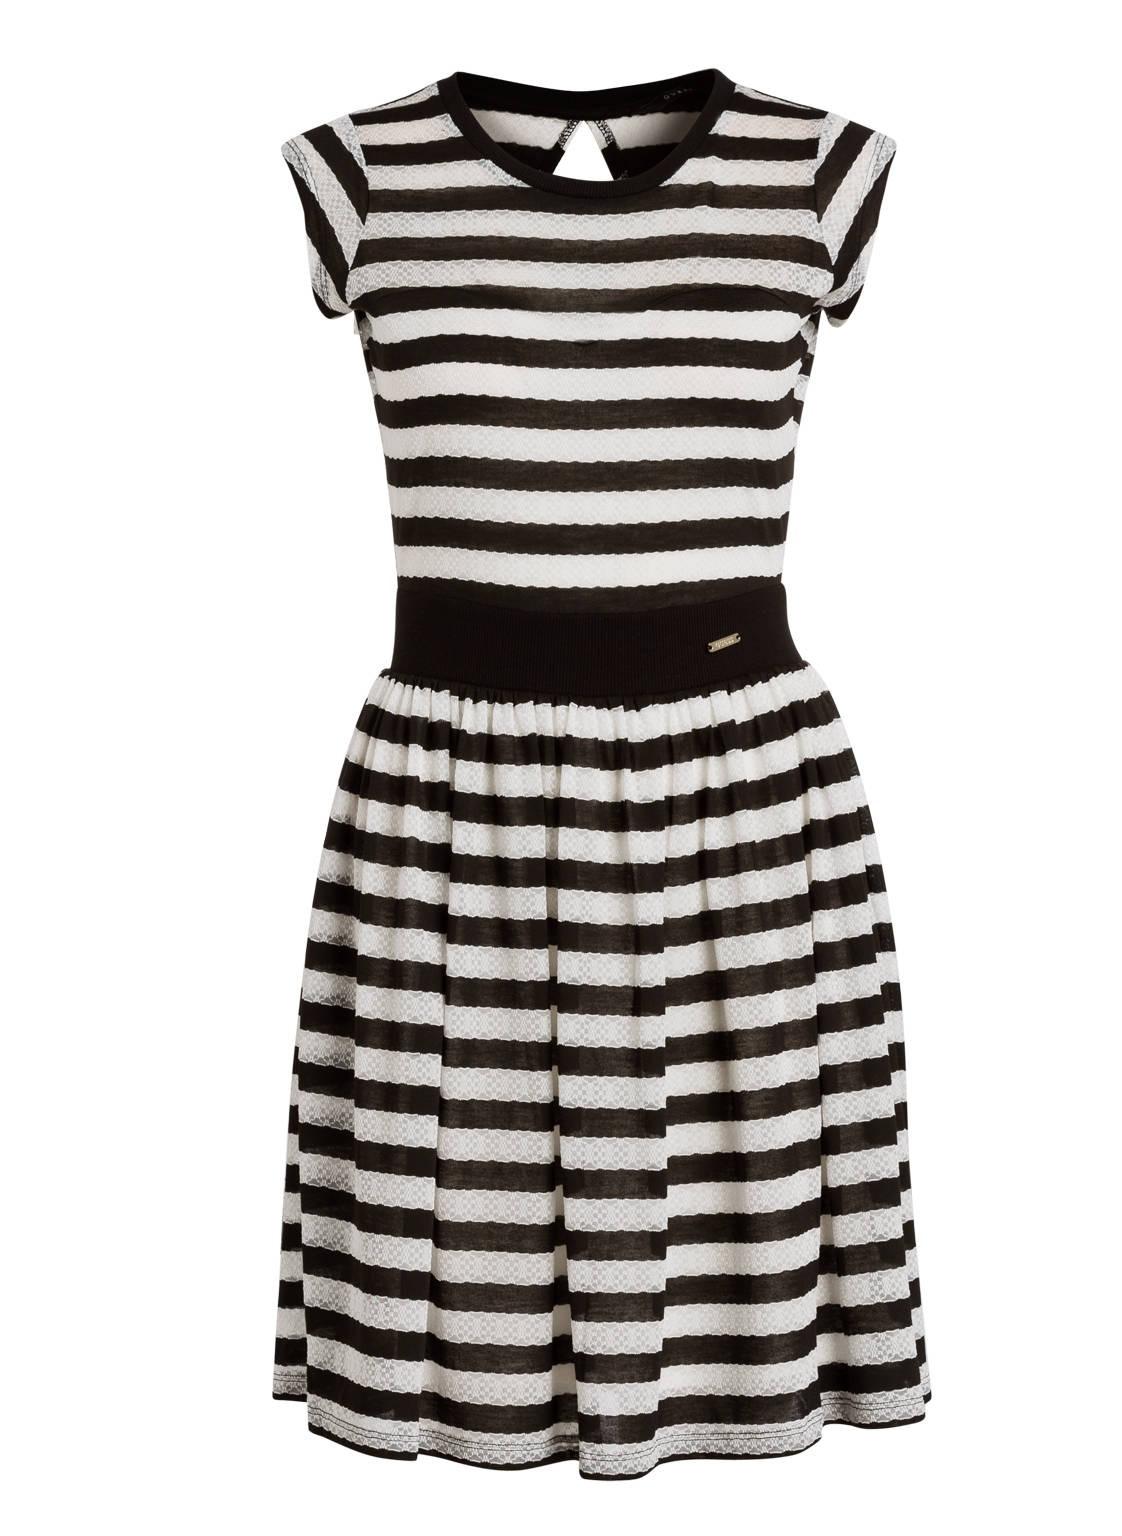 15 Kreativ Kleid Schwarz Weiß Gestreift Ärmel20 Erstaunlich Kleid Schwarz Weiß Gestreift Boutique